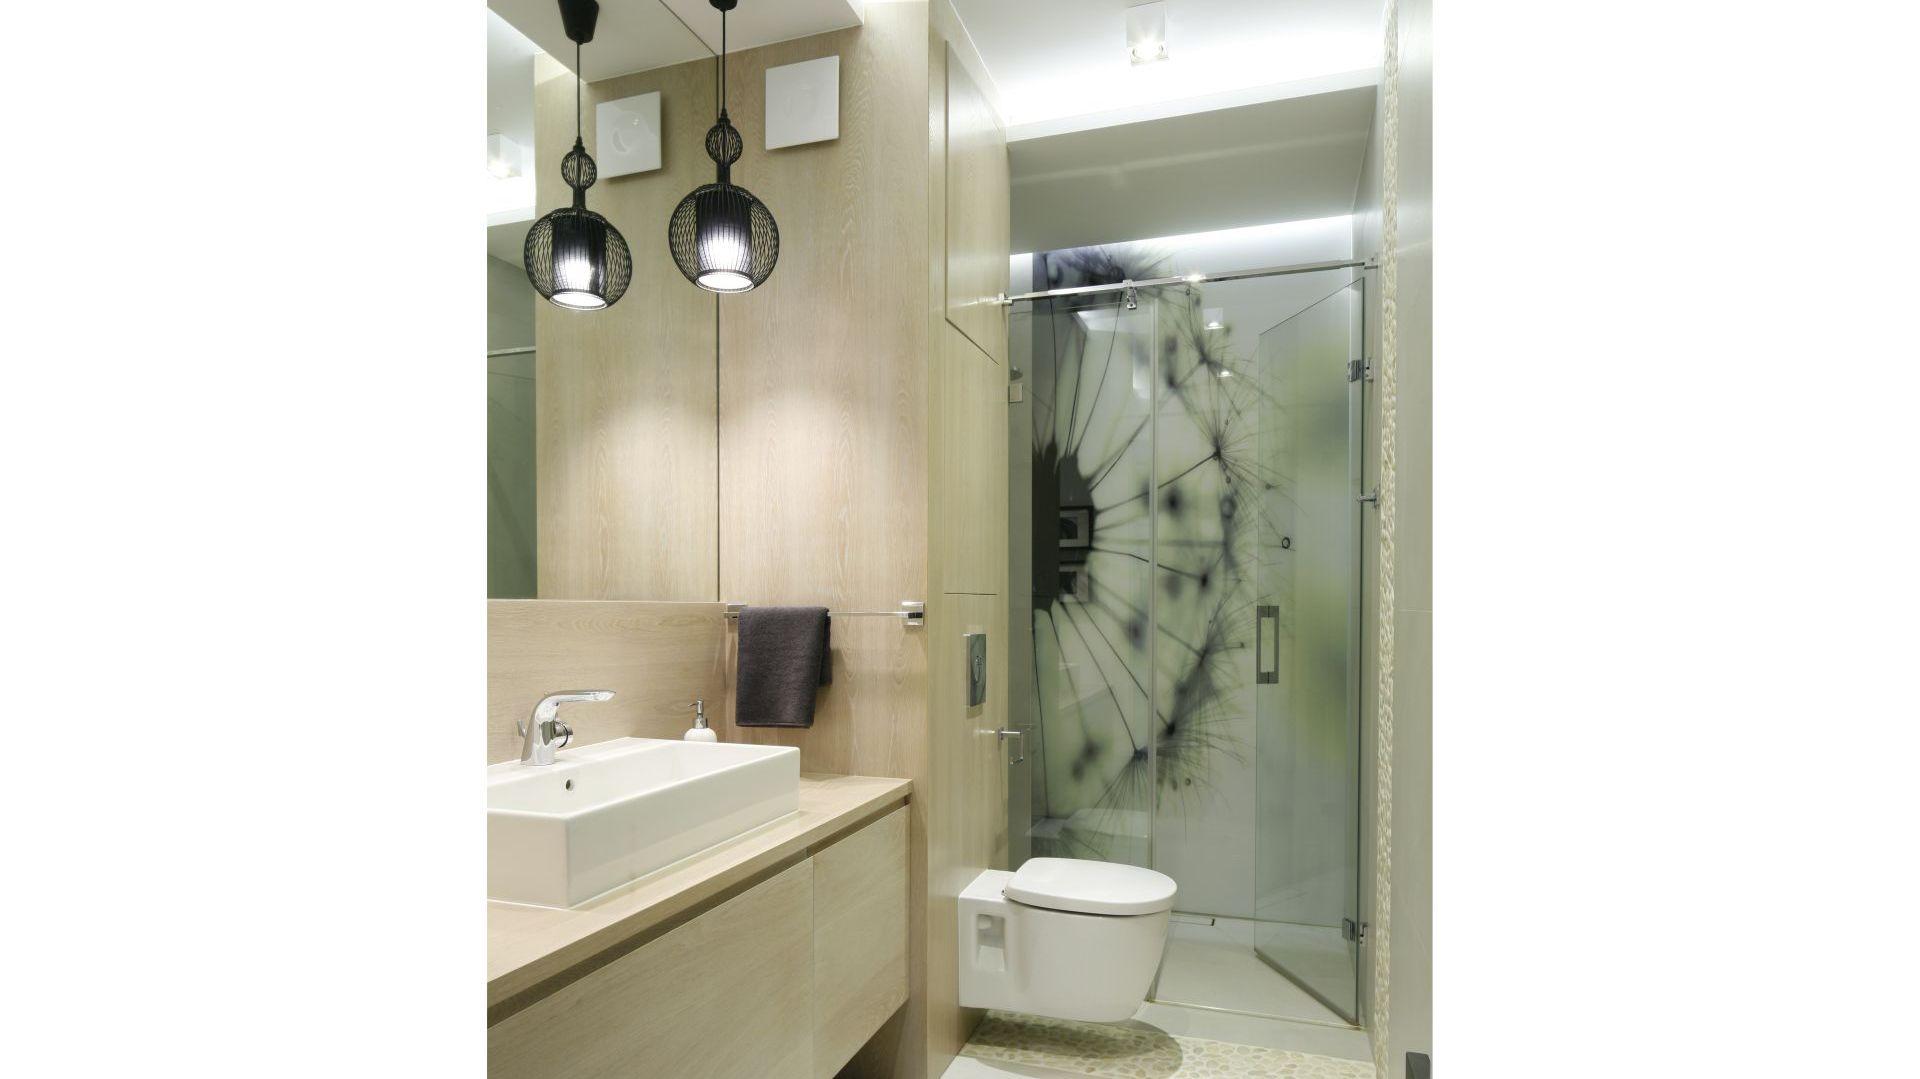 Duże lustro nad umywalką pozwoli optycznie powiększyć wnętrze. Projekt: Małgorzata Galewska. Fot. Bartosz Jarosz